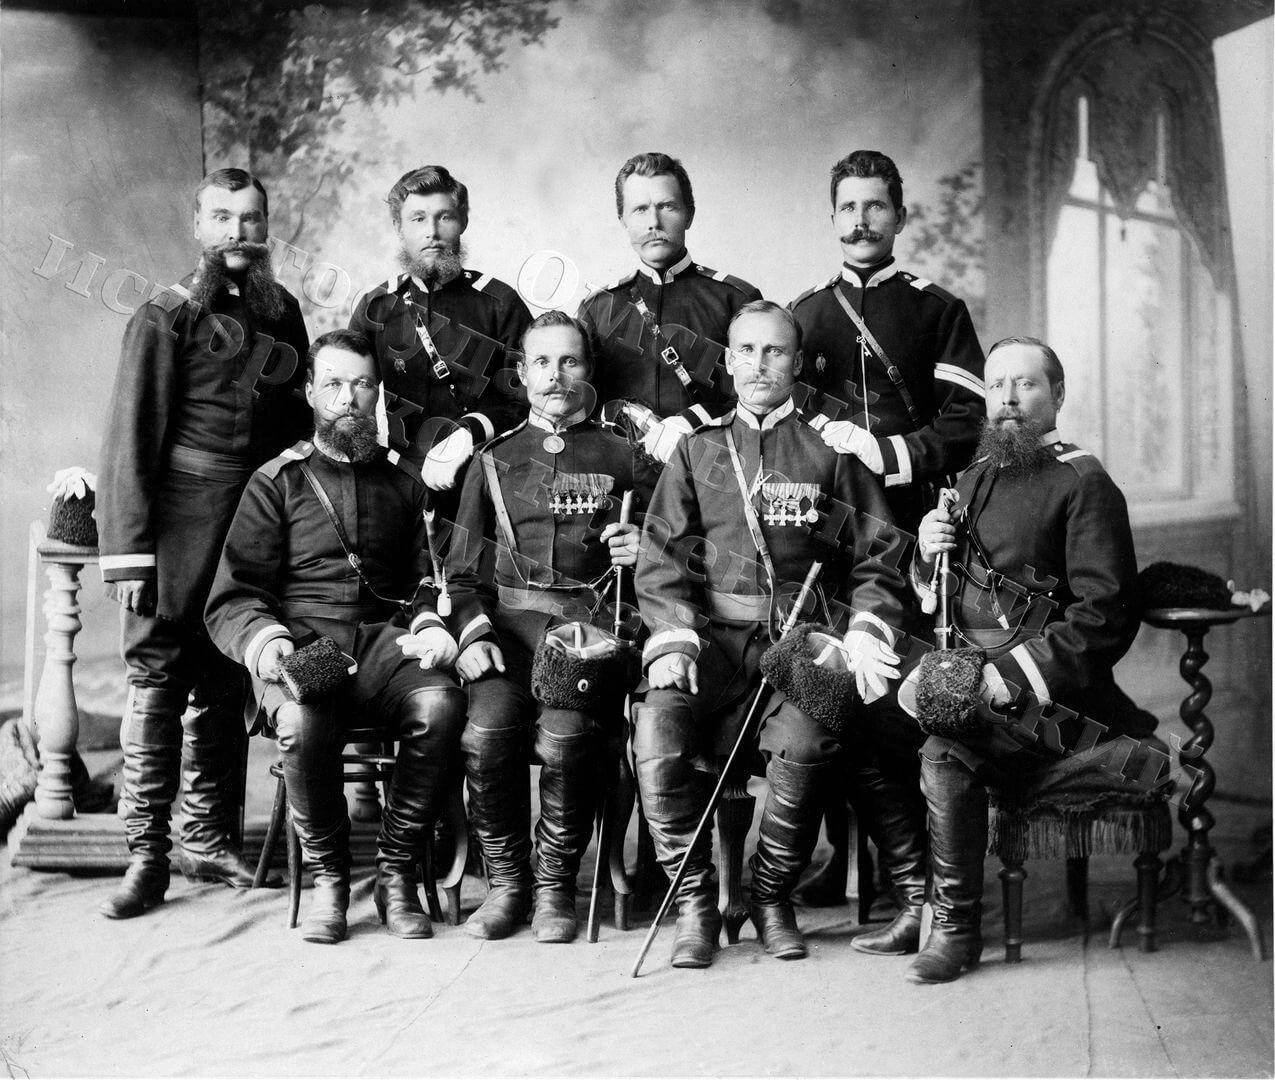 1891. Омск. Казачий конвой Цесаревича